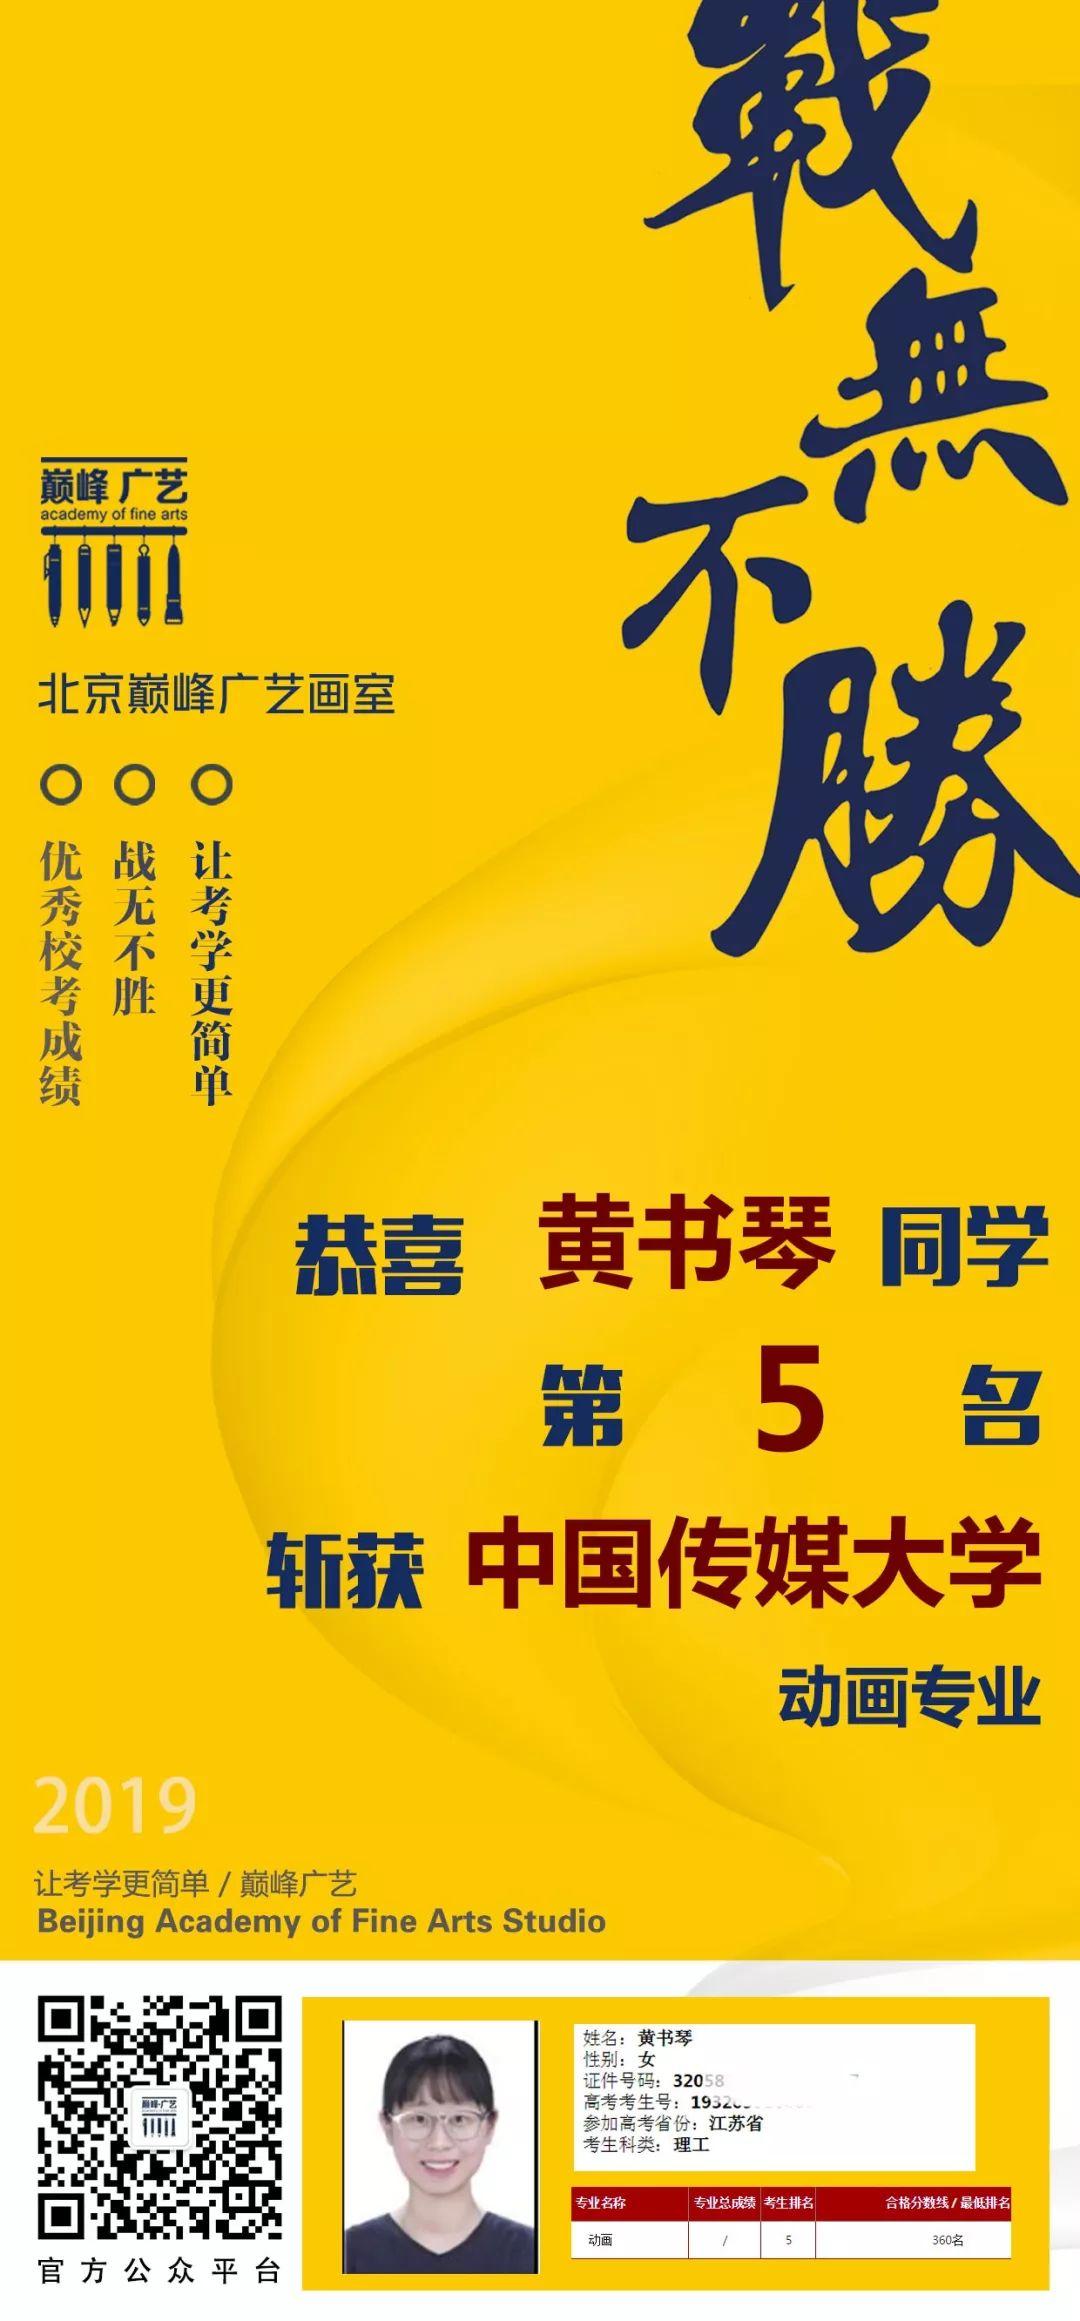 中国传媒大学,北京电影学院,中央戏剧学院,北京巅峰广艺画室       12